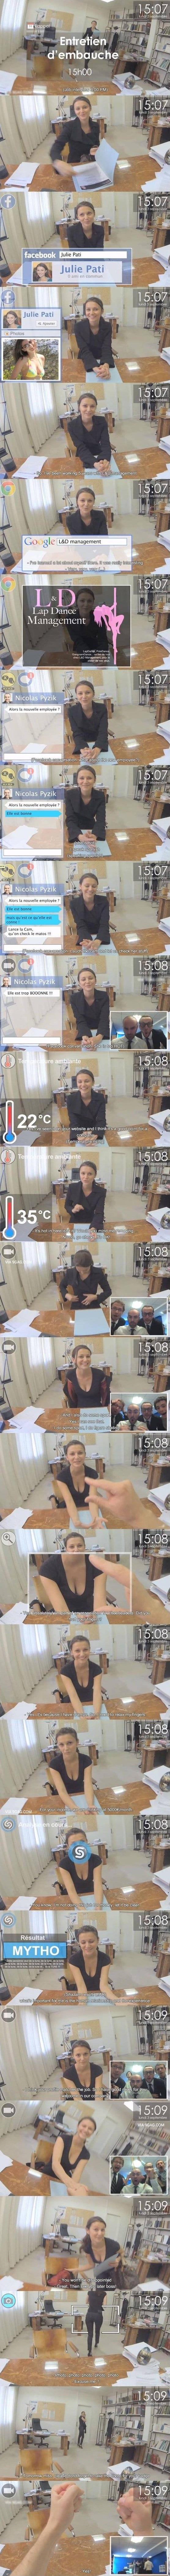 google-glass-job-interview